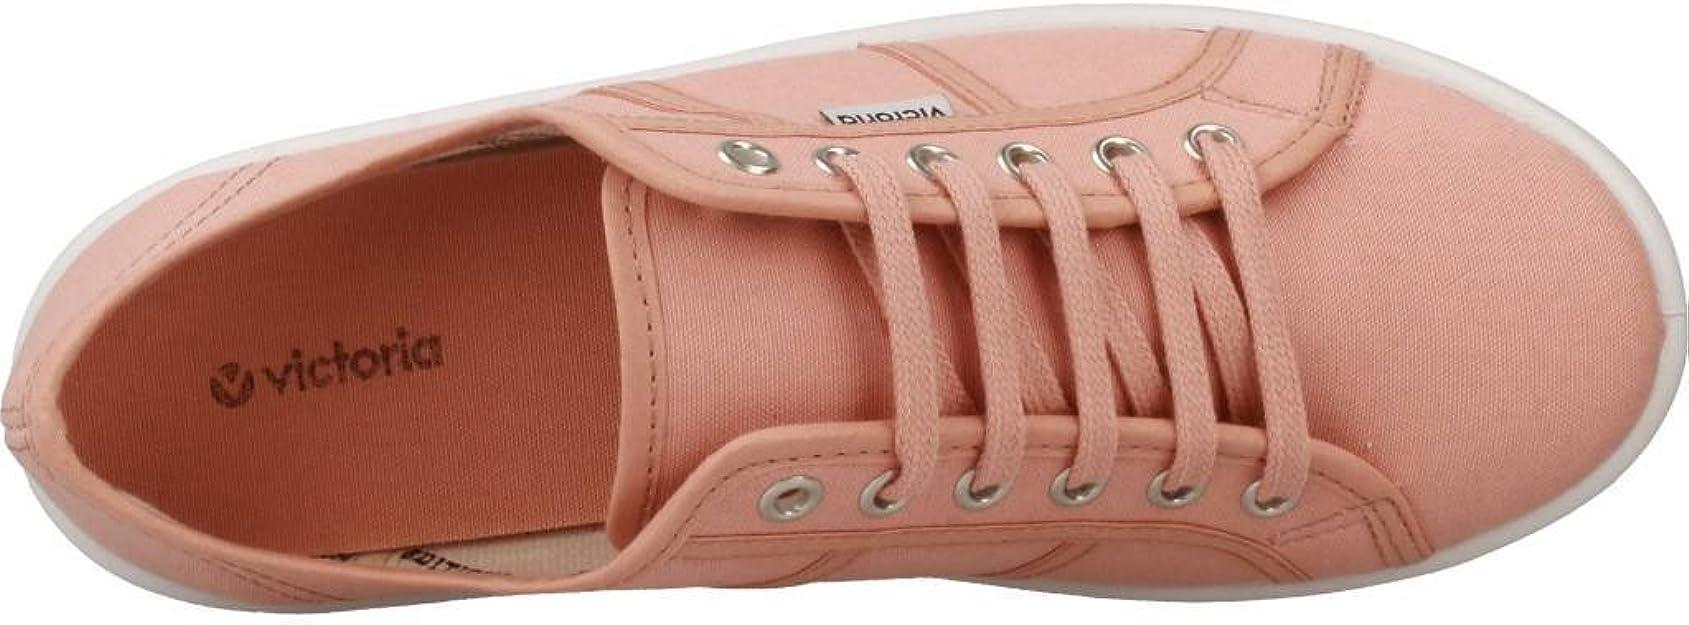 VICTORIA Chaussures zeppone Espadrilles 102100